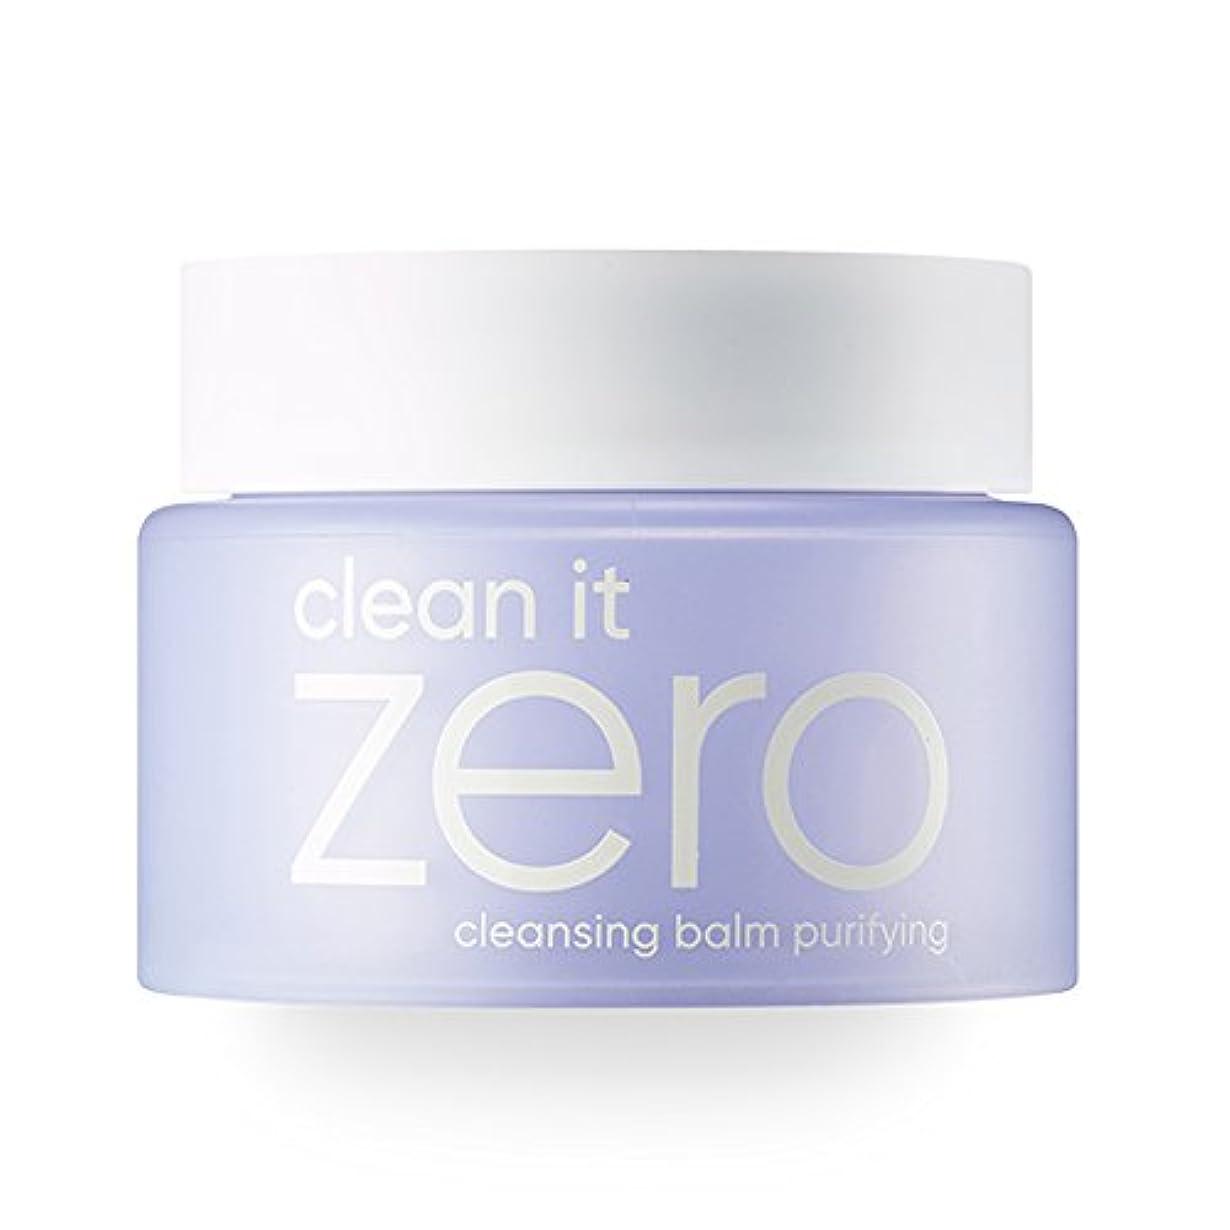 丘酔って数BANILA CO(バニラコ) クリーン イット ゼロ クレンジング バーム ピュリファイング Clean It Zero Purifying